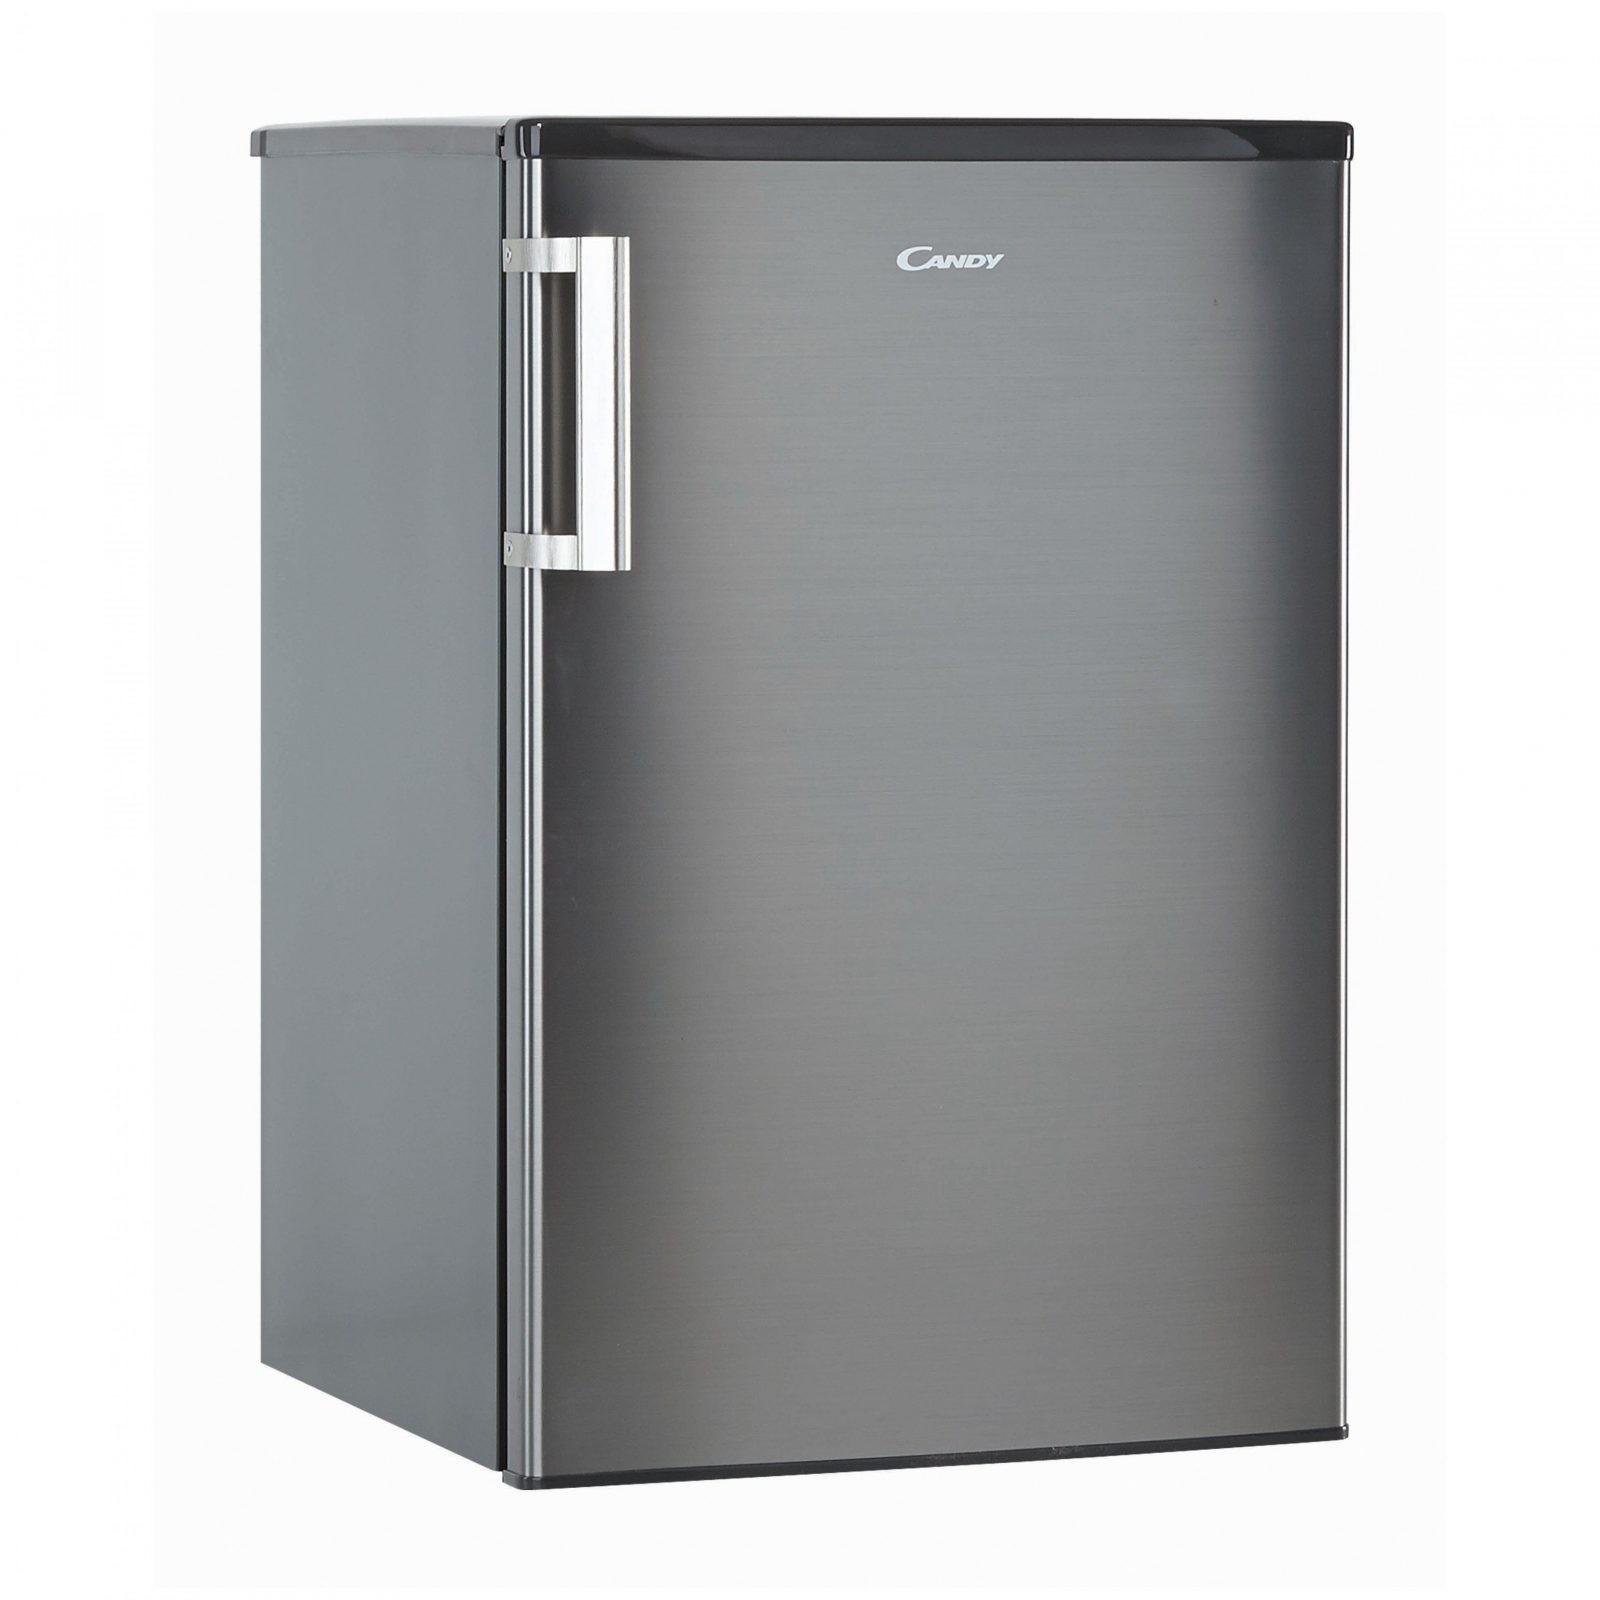 Kühlschrank 80 Cm Hoch  Thomas S Chichester Blog von Gefrierschrank Silber 85 Cm Bild